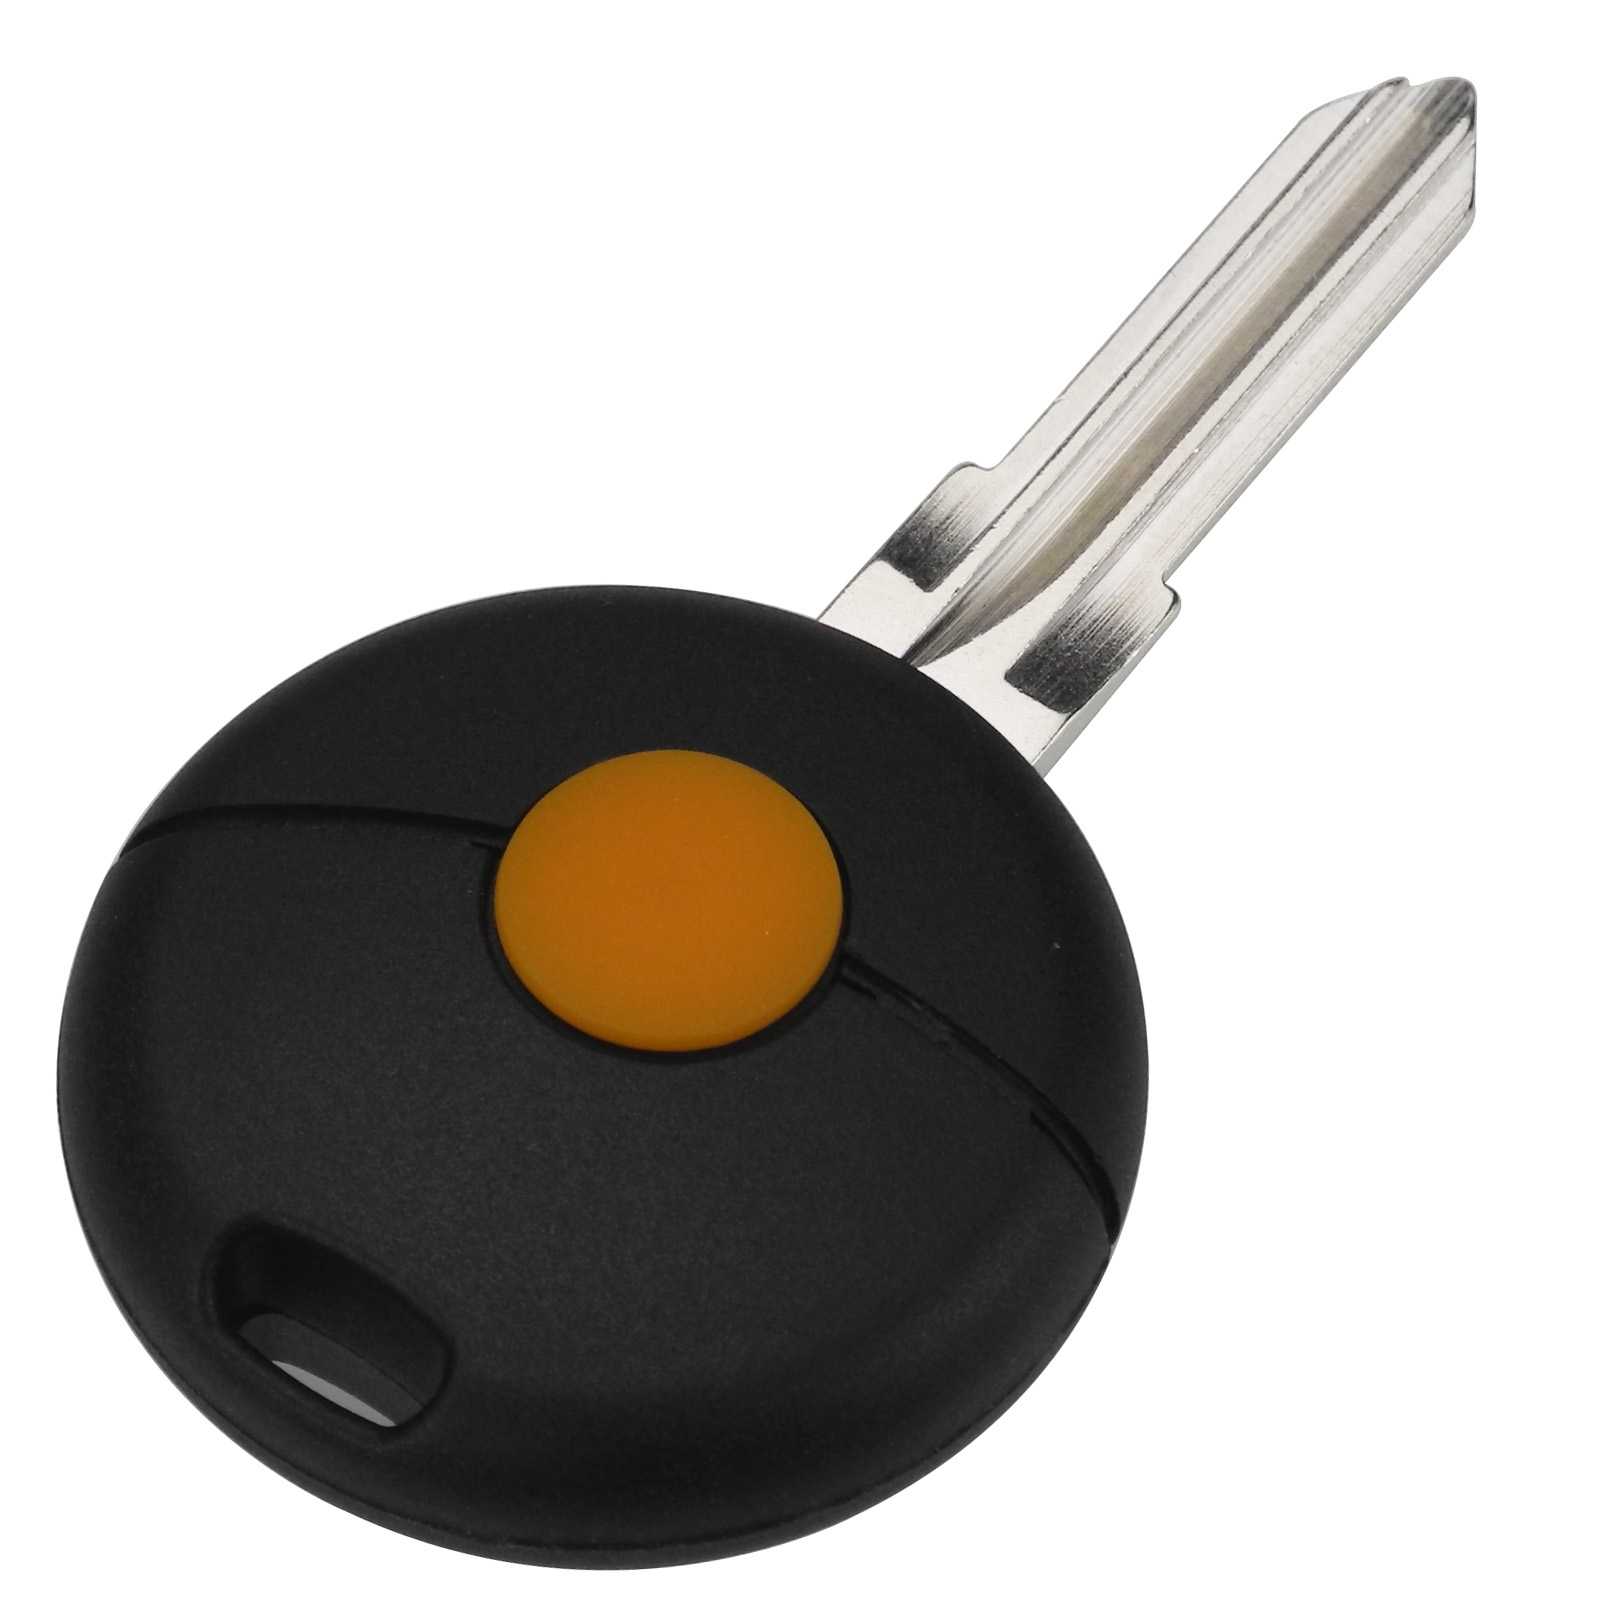 Carcasa de llave de coche remota de 1 botón de Jingyuqin para Benz Smart para dos llaves de repuesto 1998-2012 de EE. UU. funda con tapa para llave de coche